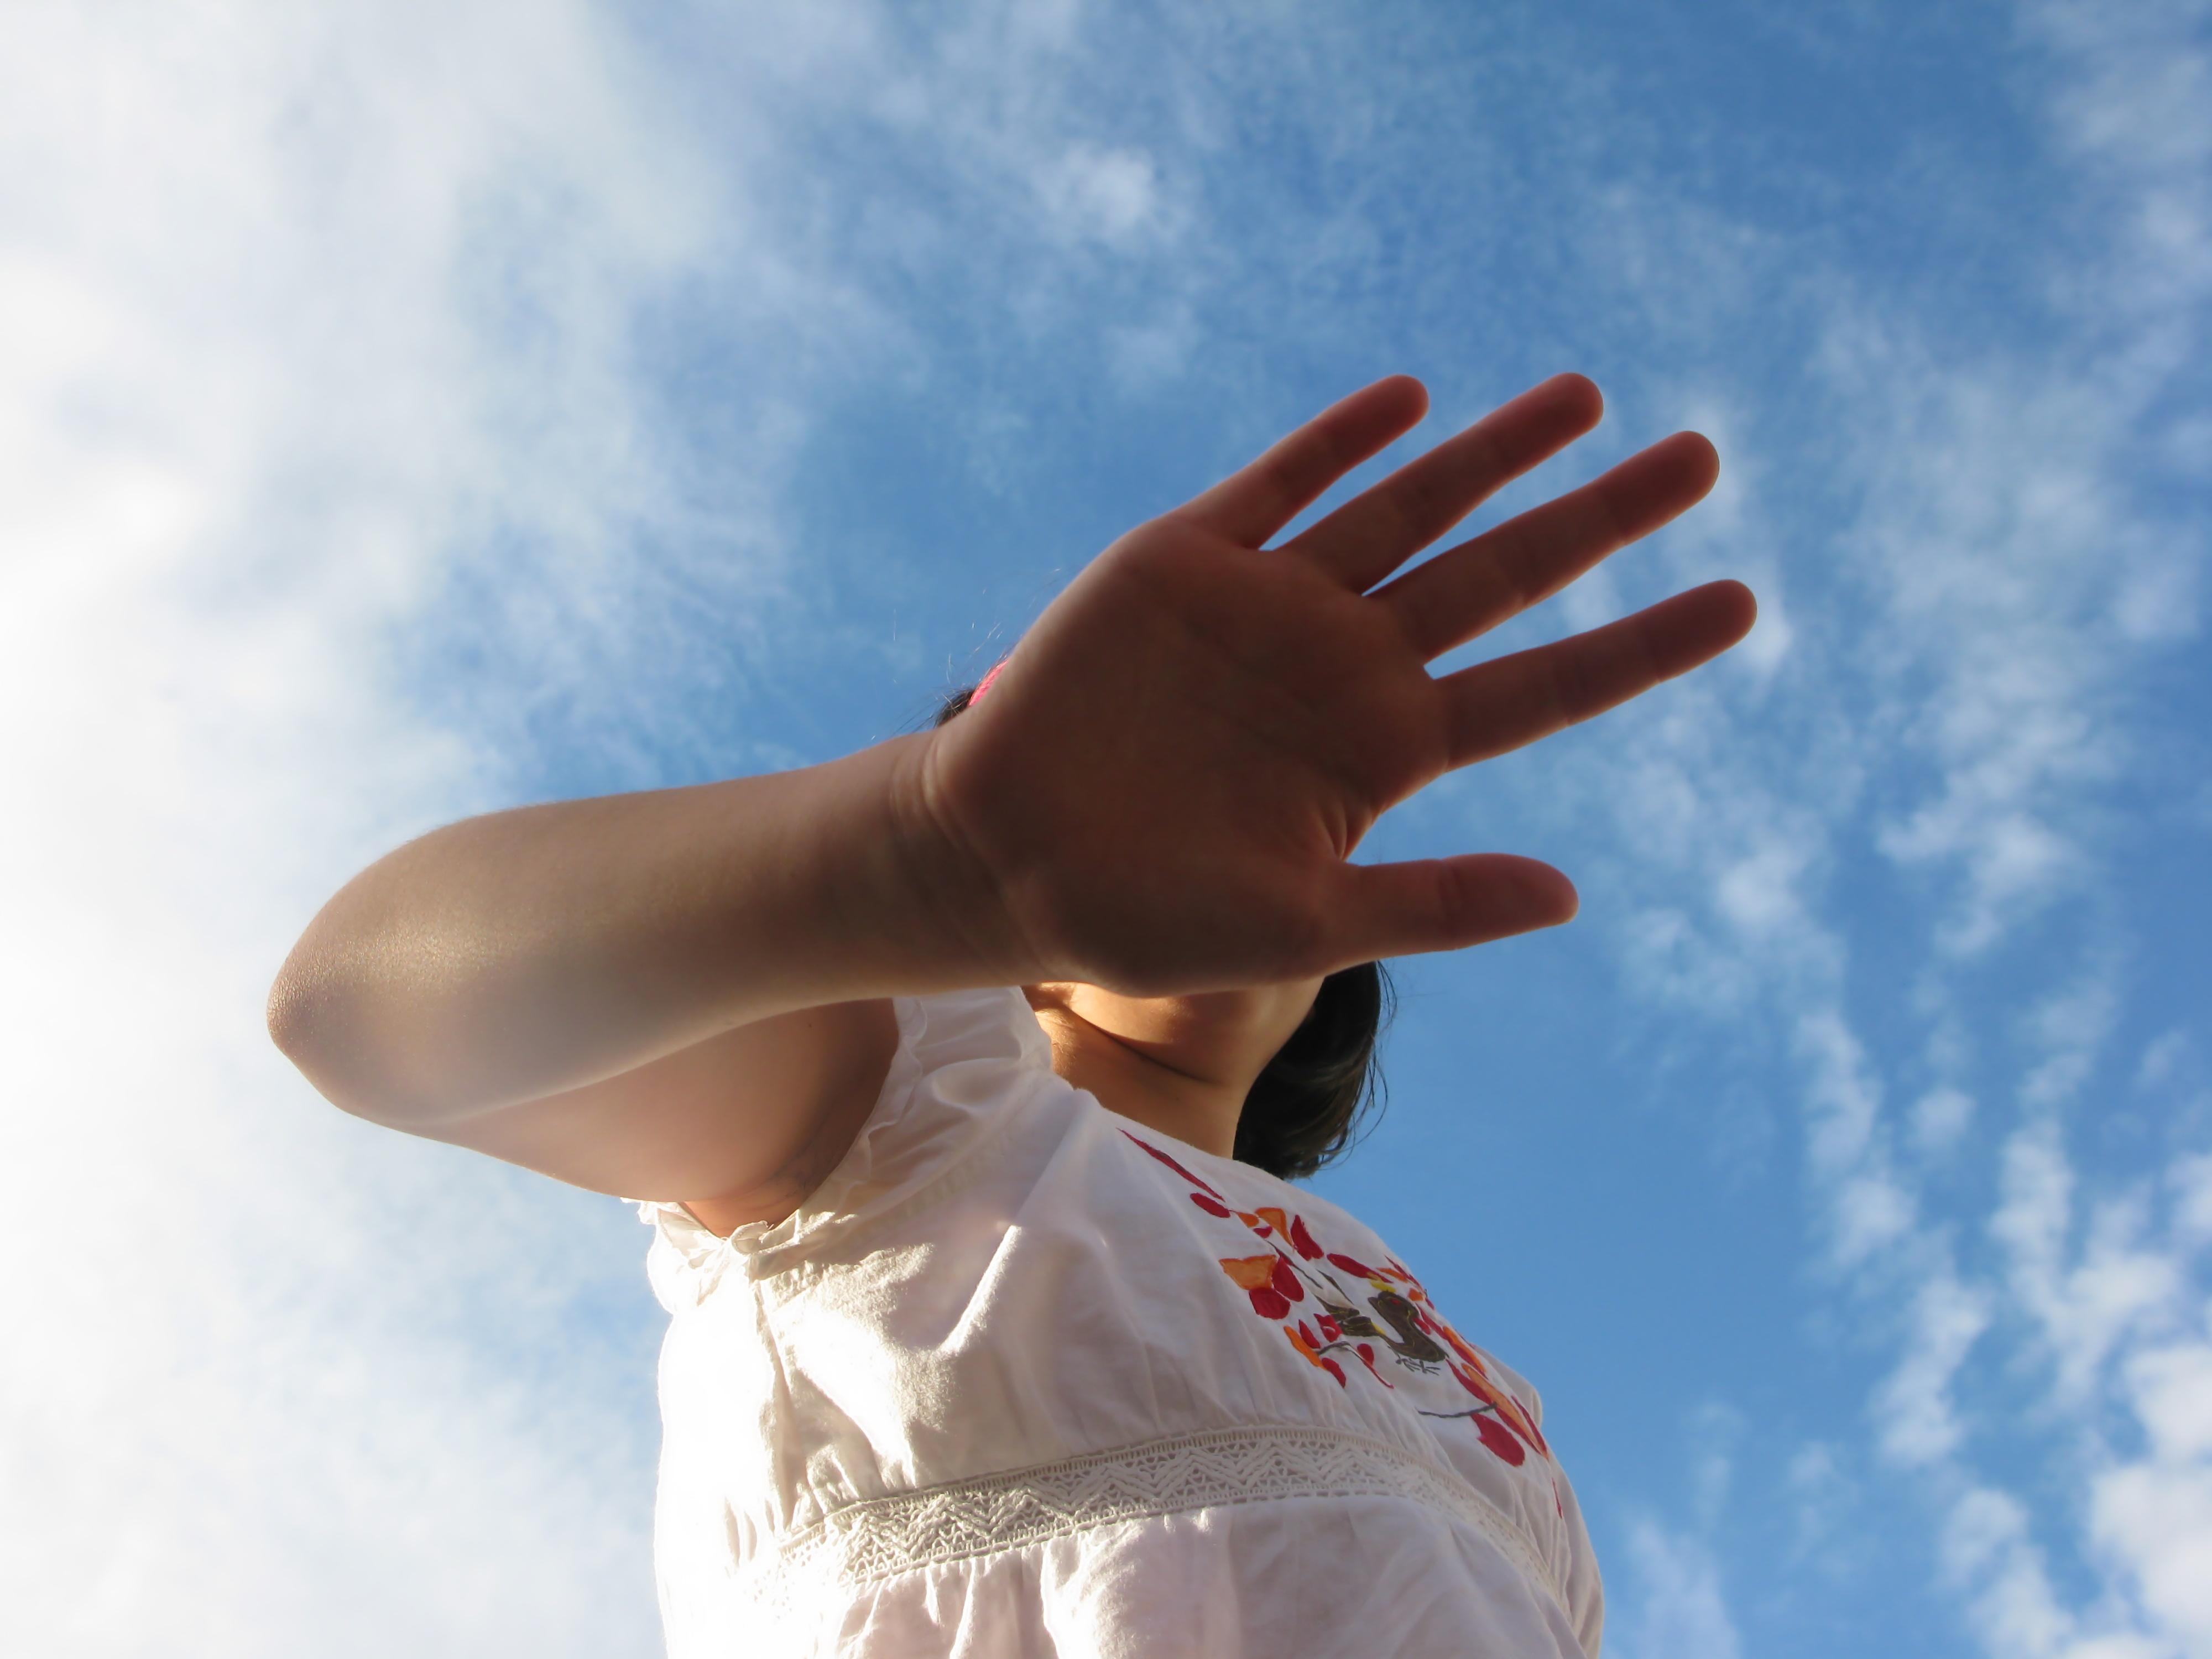 Sonhar Com A Mesma Pessoa Varias Vezes Significado: A Diferença Entre Timidez E Introversão